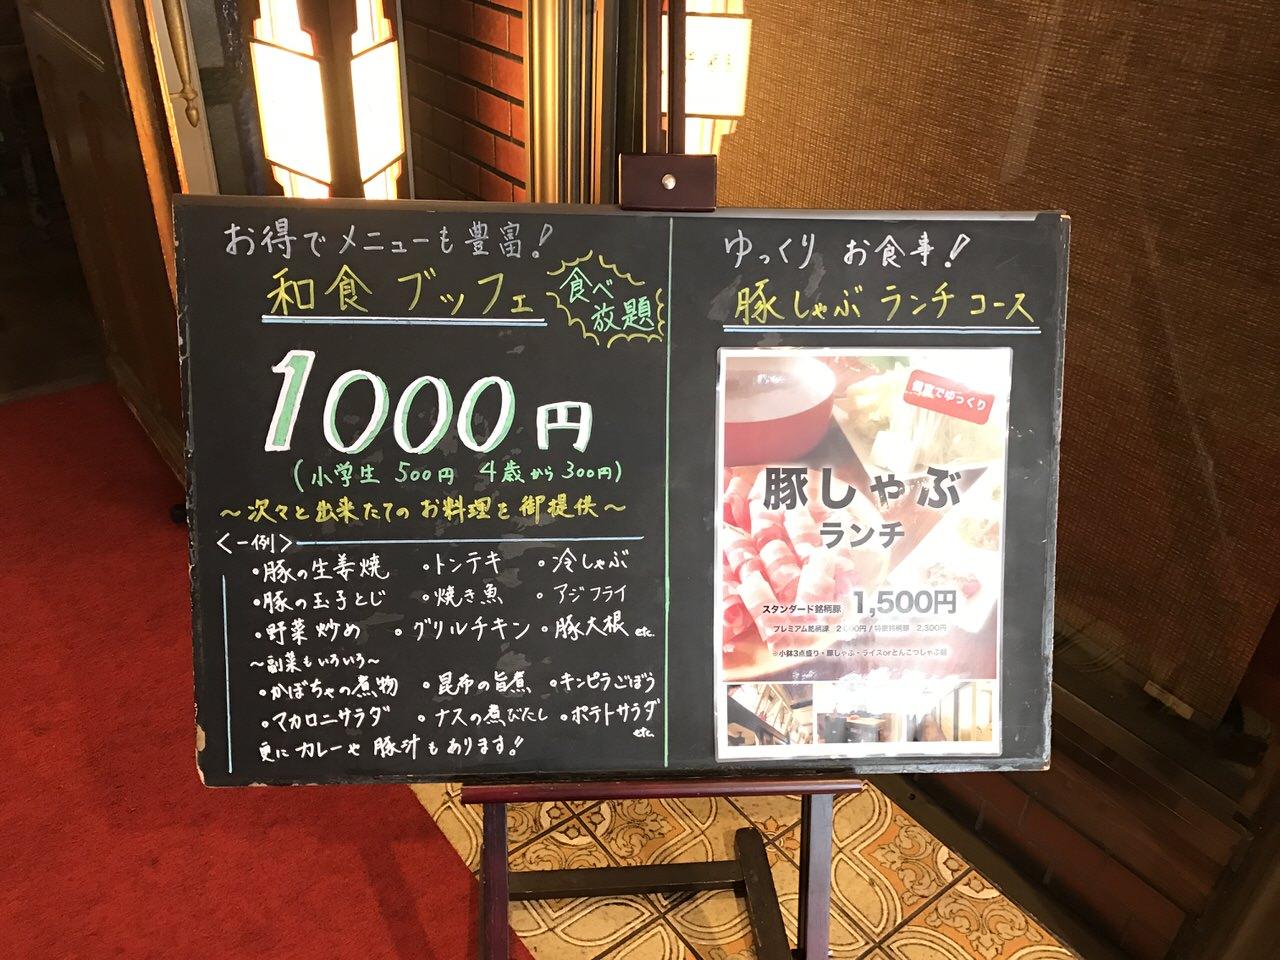 【六本木ランチ】豚組しゃぶ庵の1,000円食べ放題の和食ブッフェがとても良い